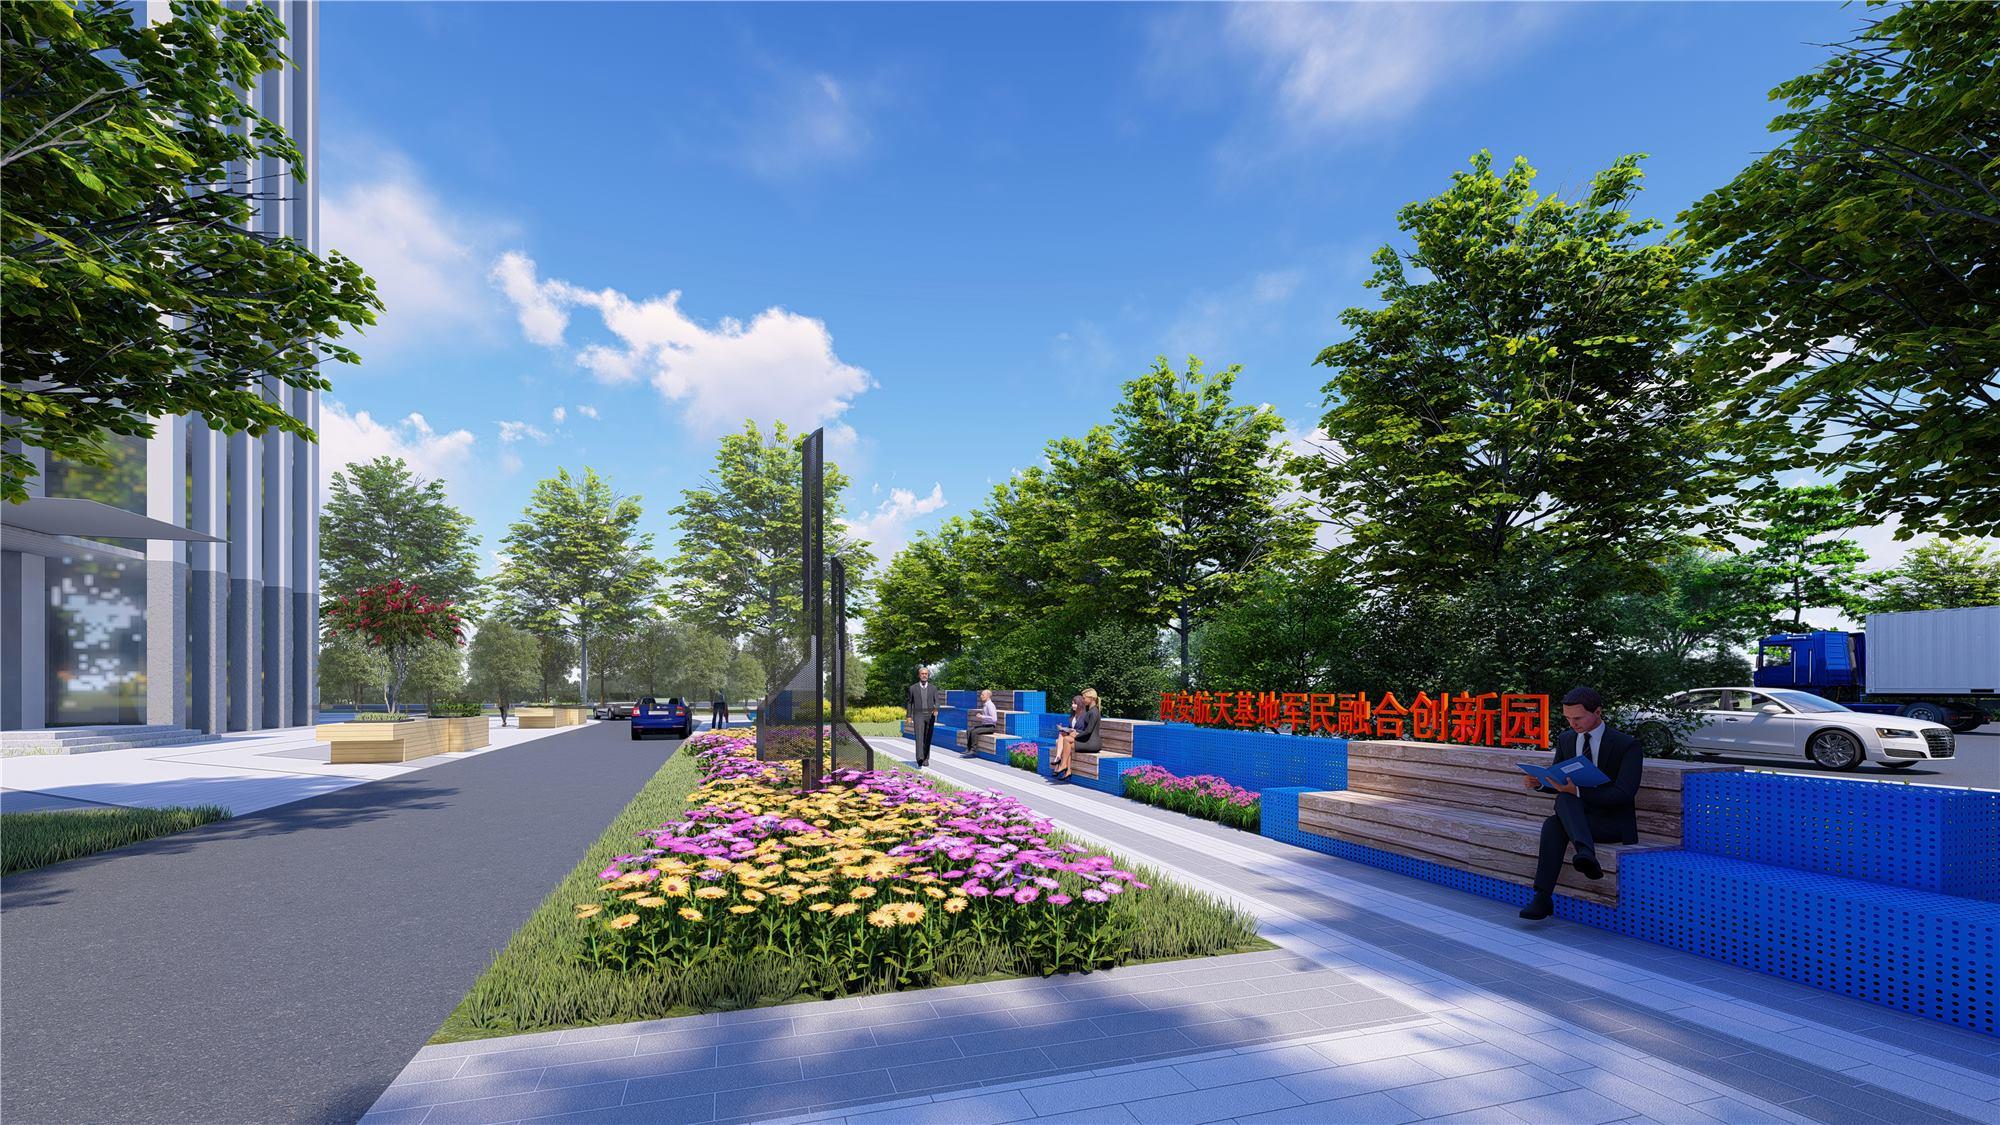 西安航天基地军民融合创新园(B区)景观设计项目